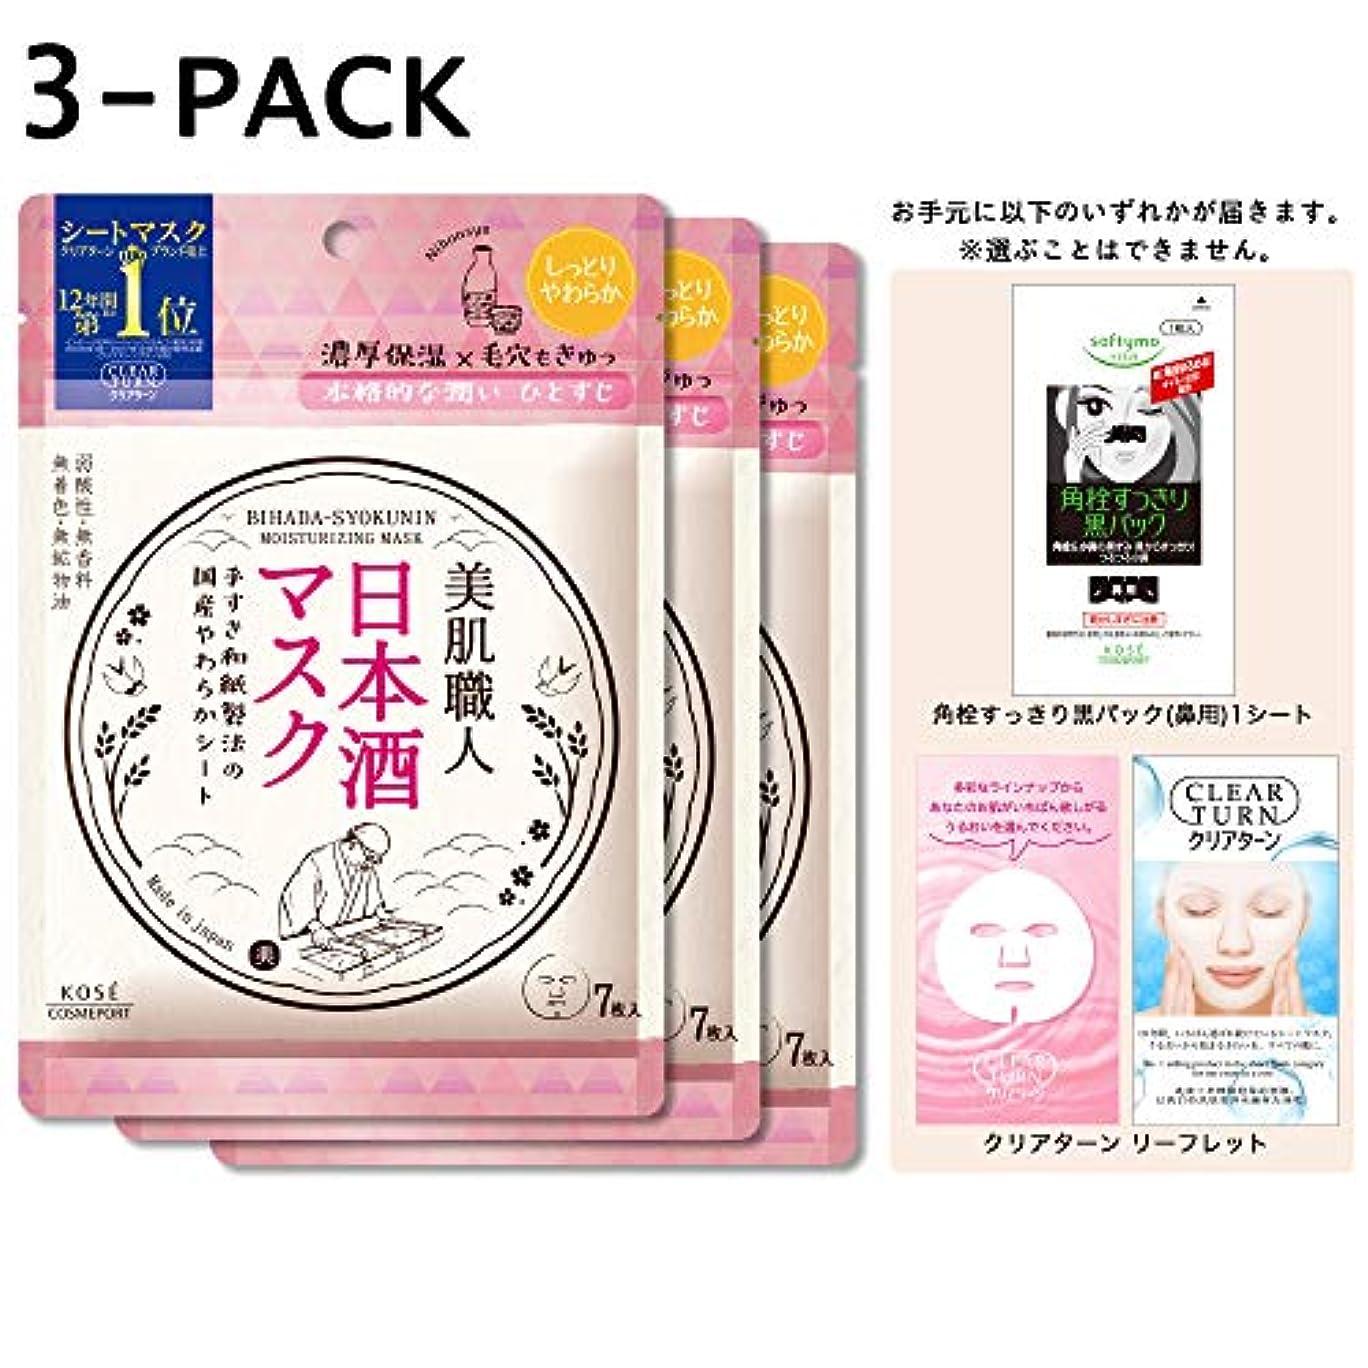 知っているに立ち寄るベッツィトロットウッドどっちでも【Amazon.co.jp限定】KOSE クリアターン 美肌職人 日本酒 マスク 7枚 3パック リーフレット付 フェイスマスク